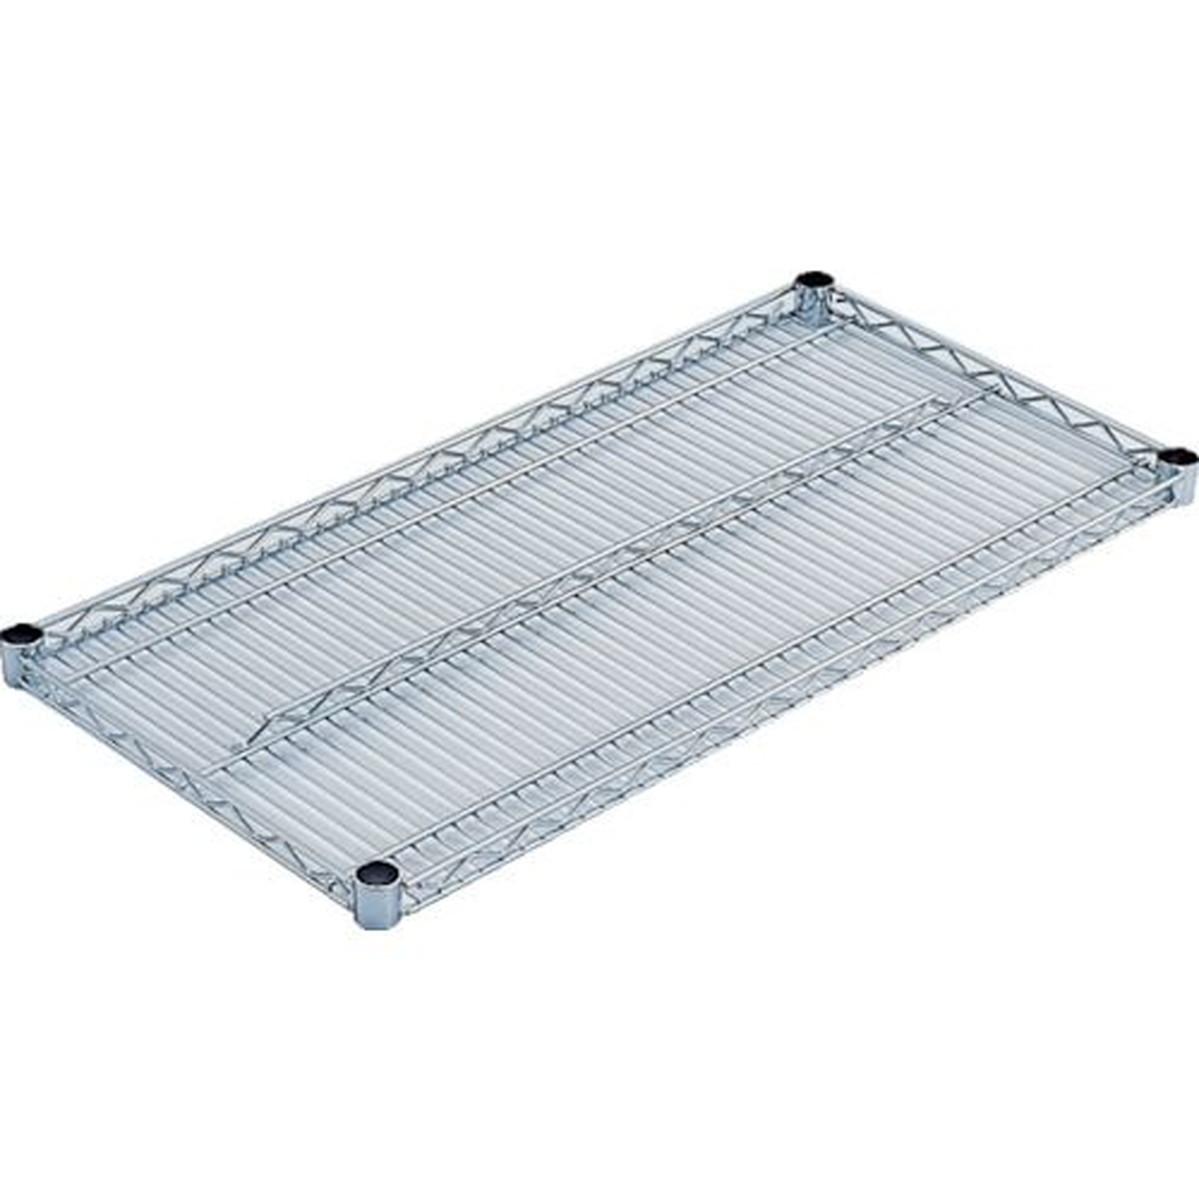 あす楽対応 DIY用品 TRUSCO 1枚 905X609 安値 優先配送 ステンレス製メッシュラック用棚板